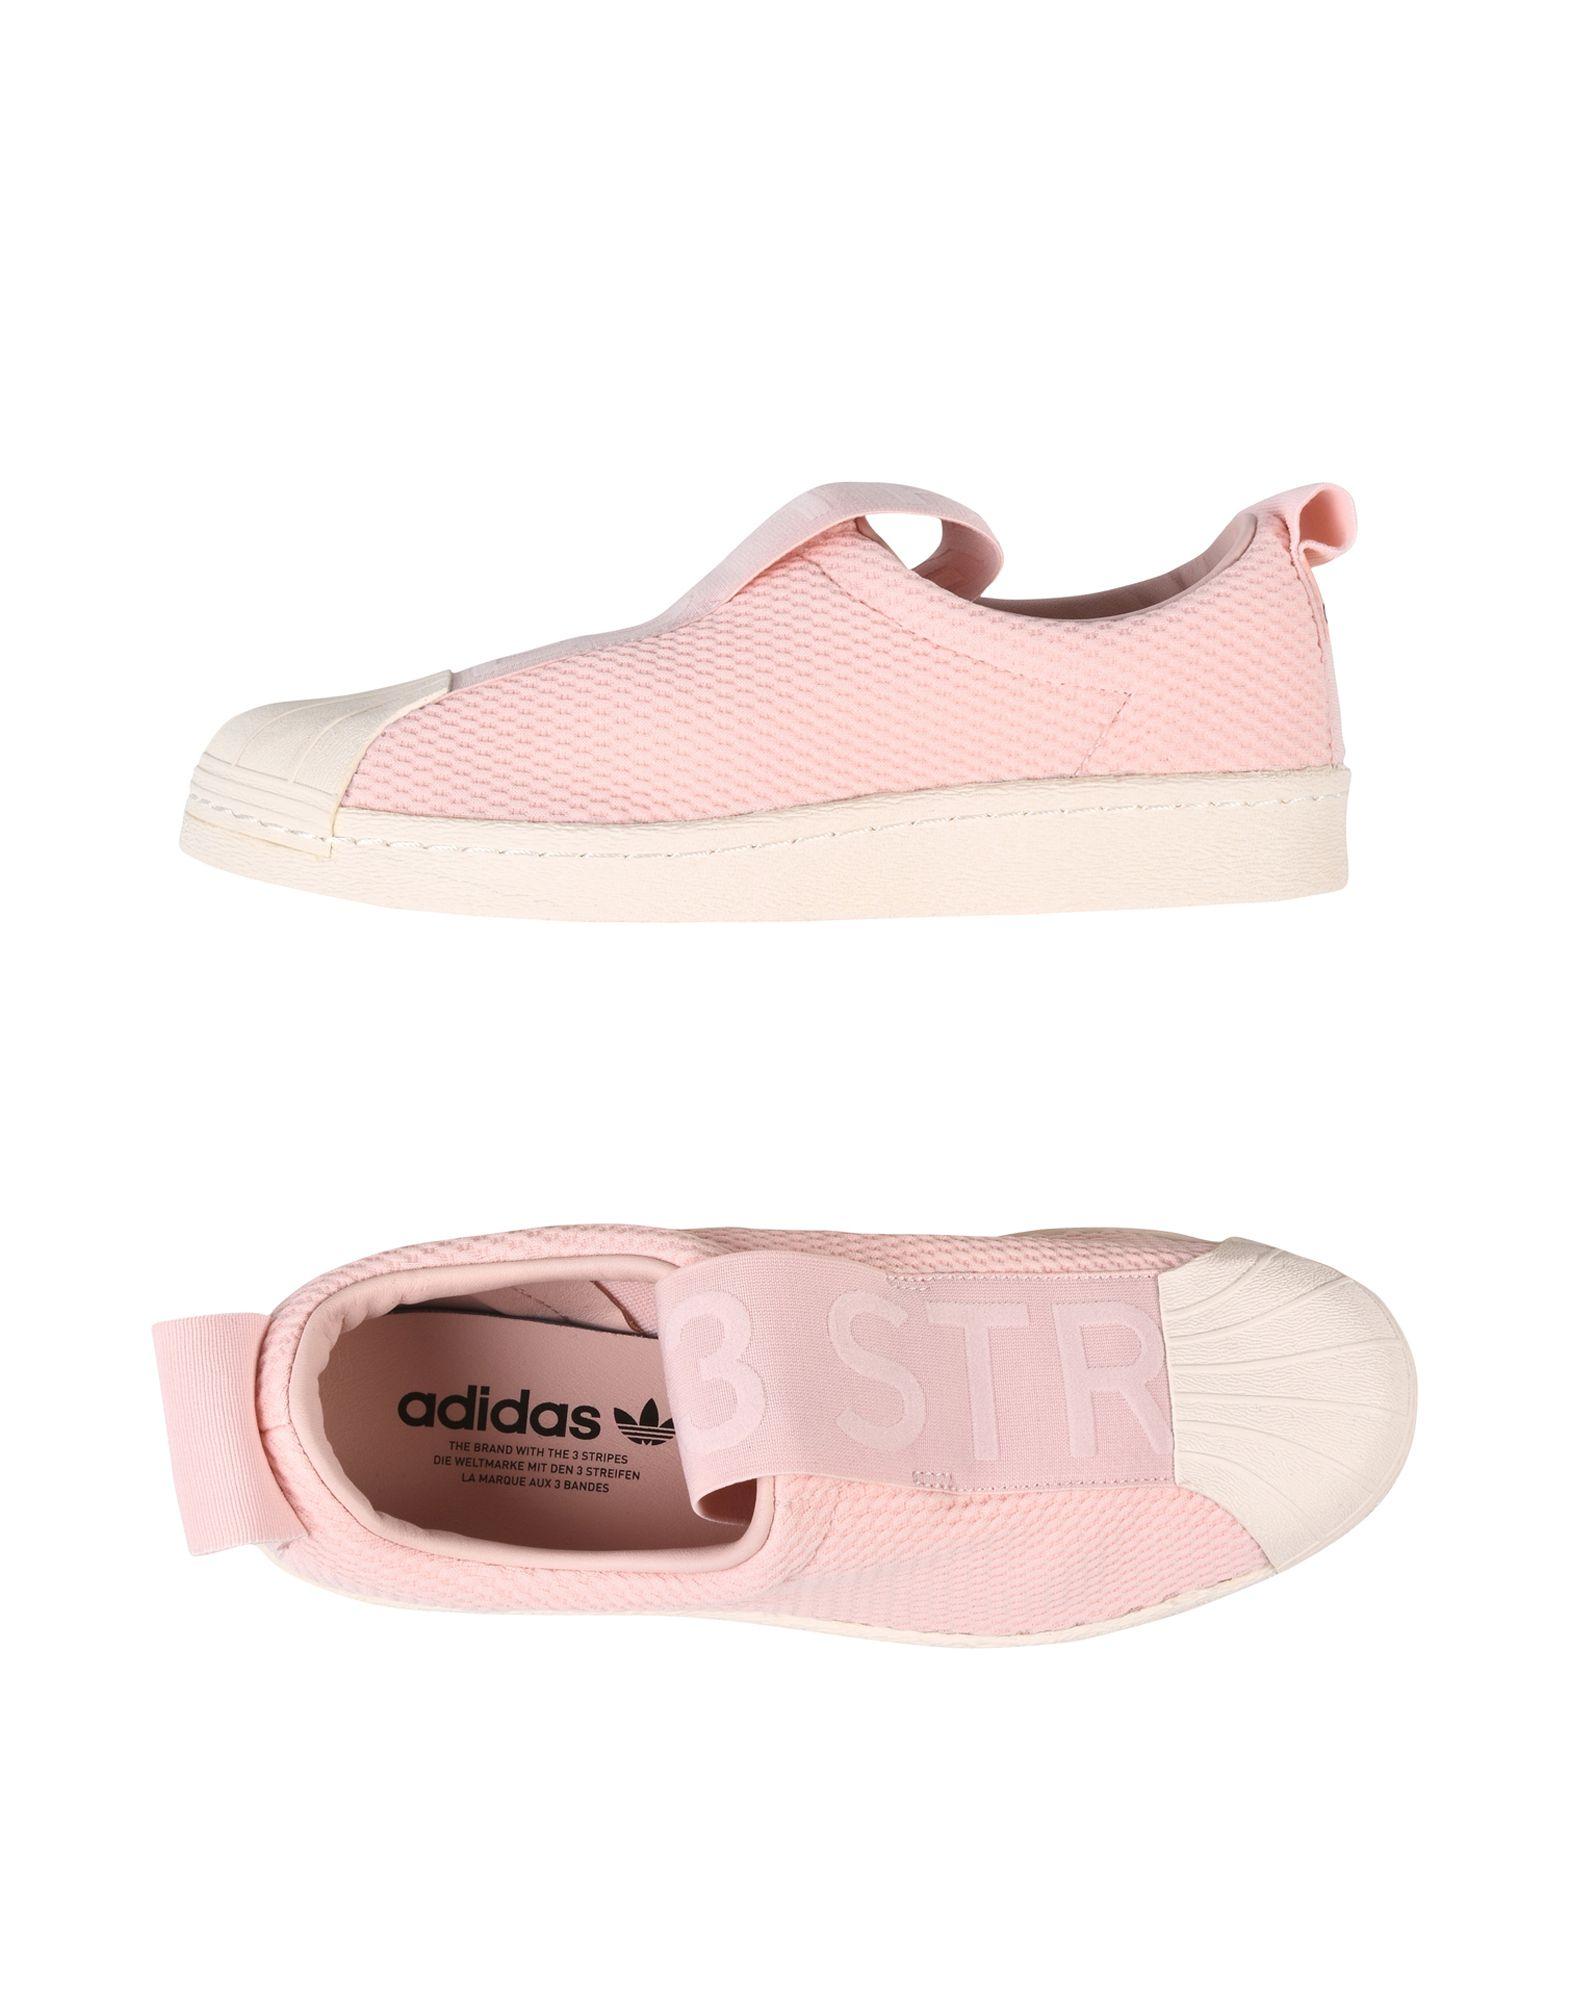 Adidas Originals Superstar Bw35 Slipo  11306860ID Gute Qualität beliebte Schuhe